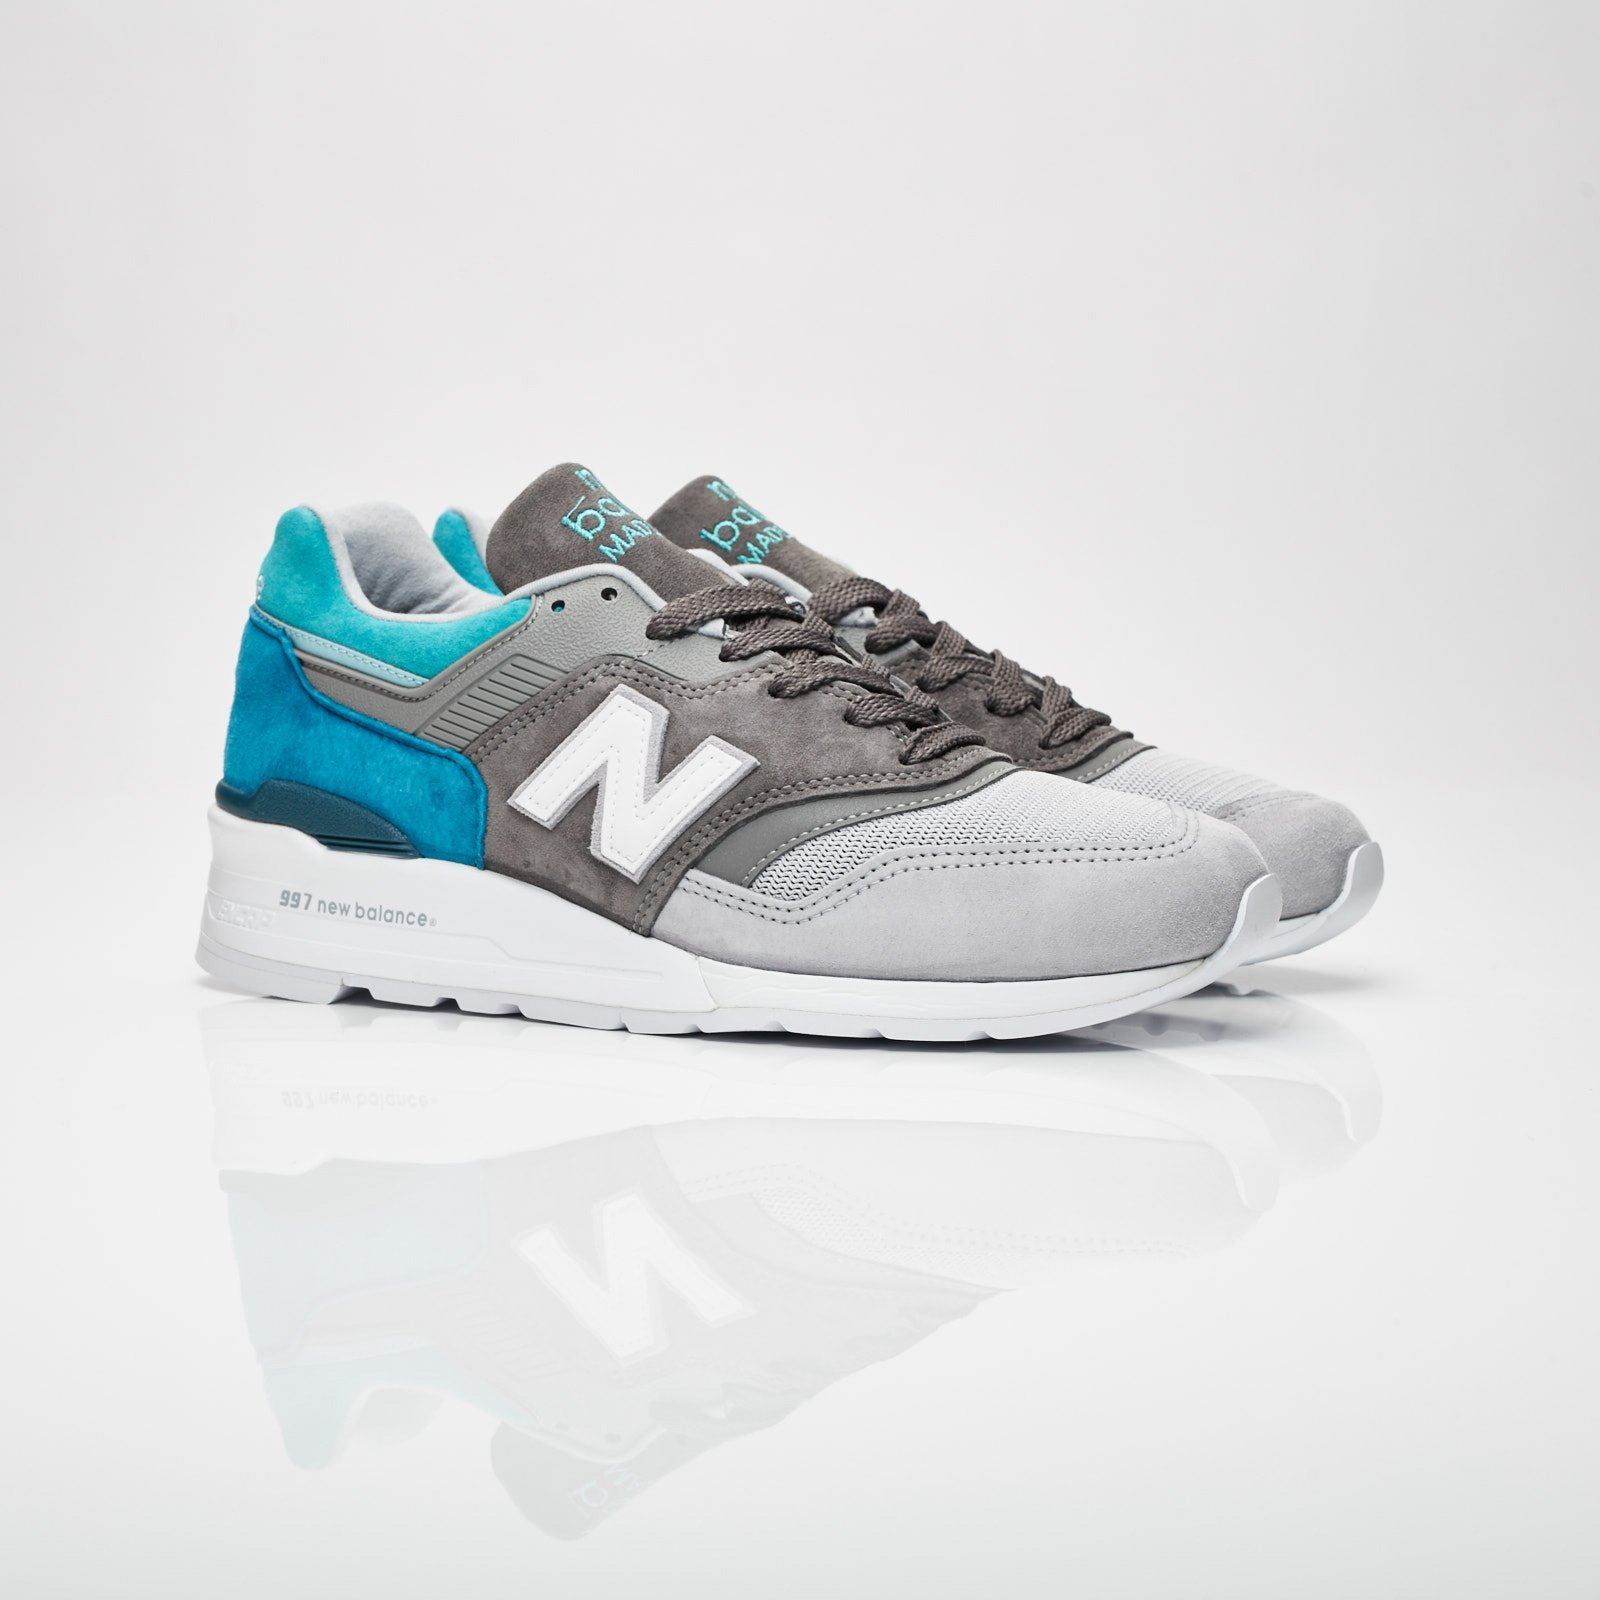 312b12ba1f83 New Balance M997 - M997ca - Sneakersnstuff